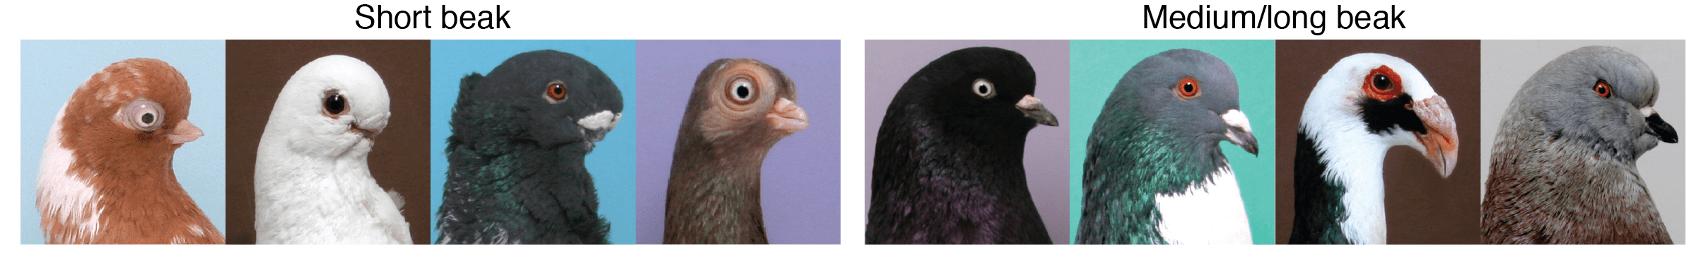 Representative images of individuals representing short beak